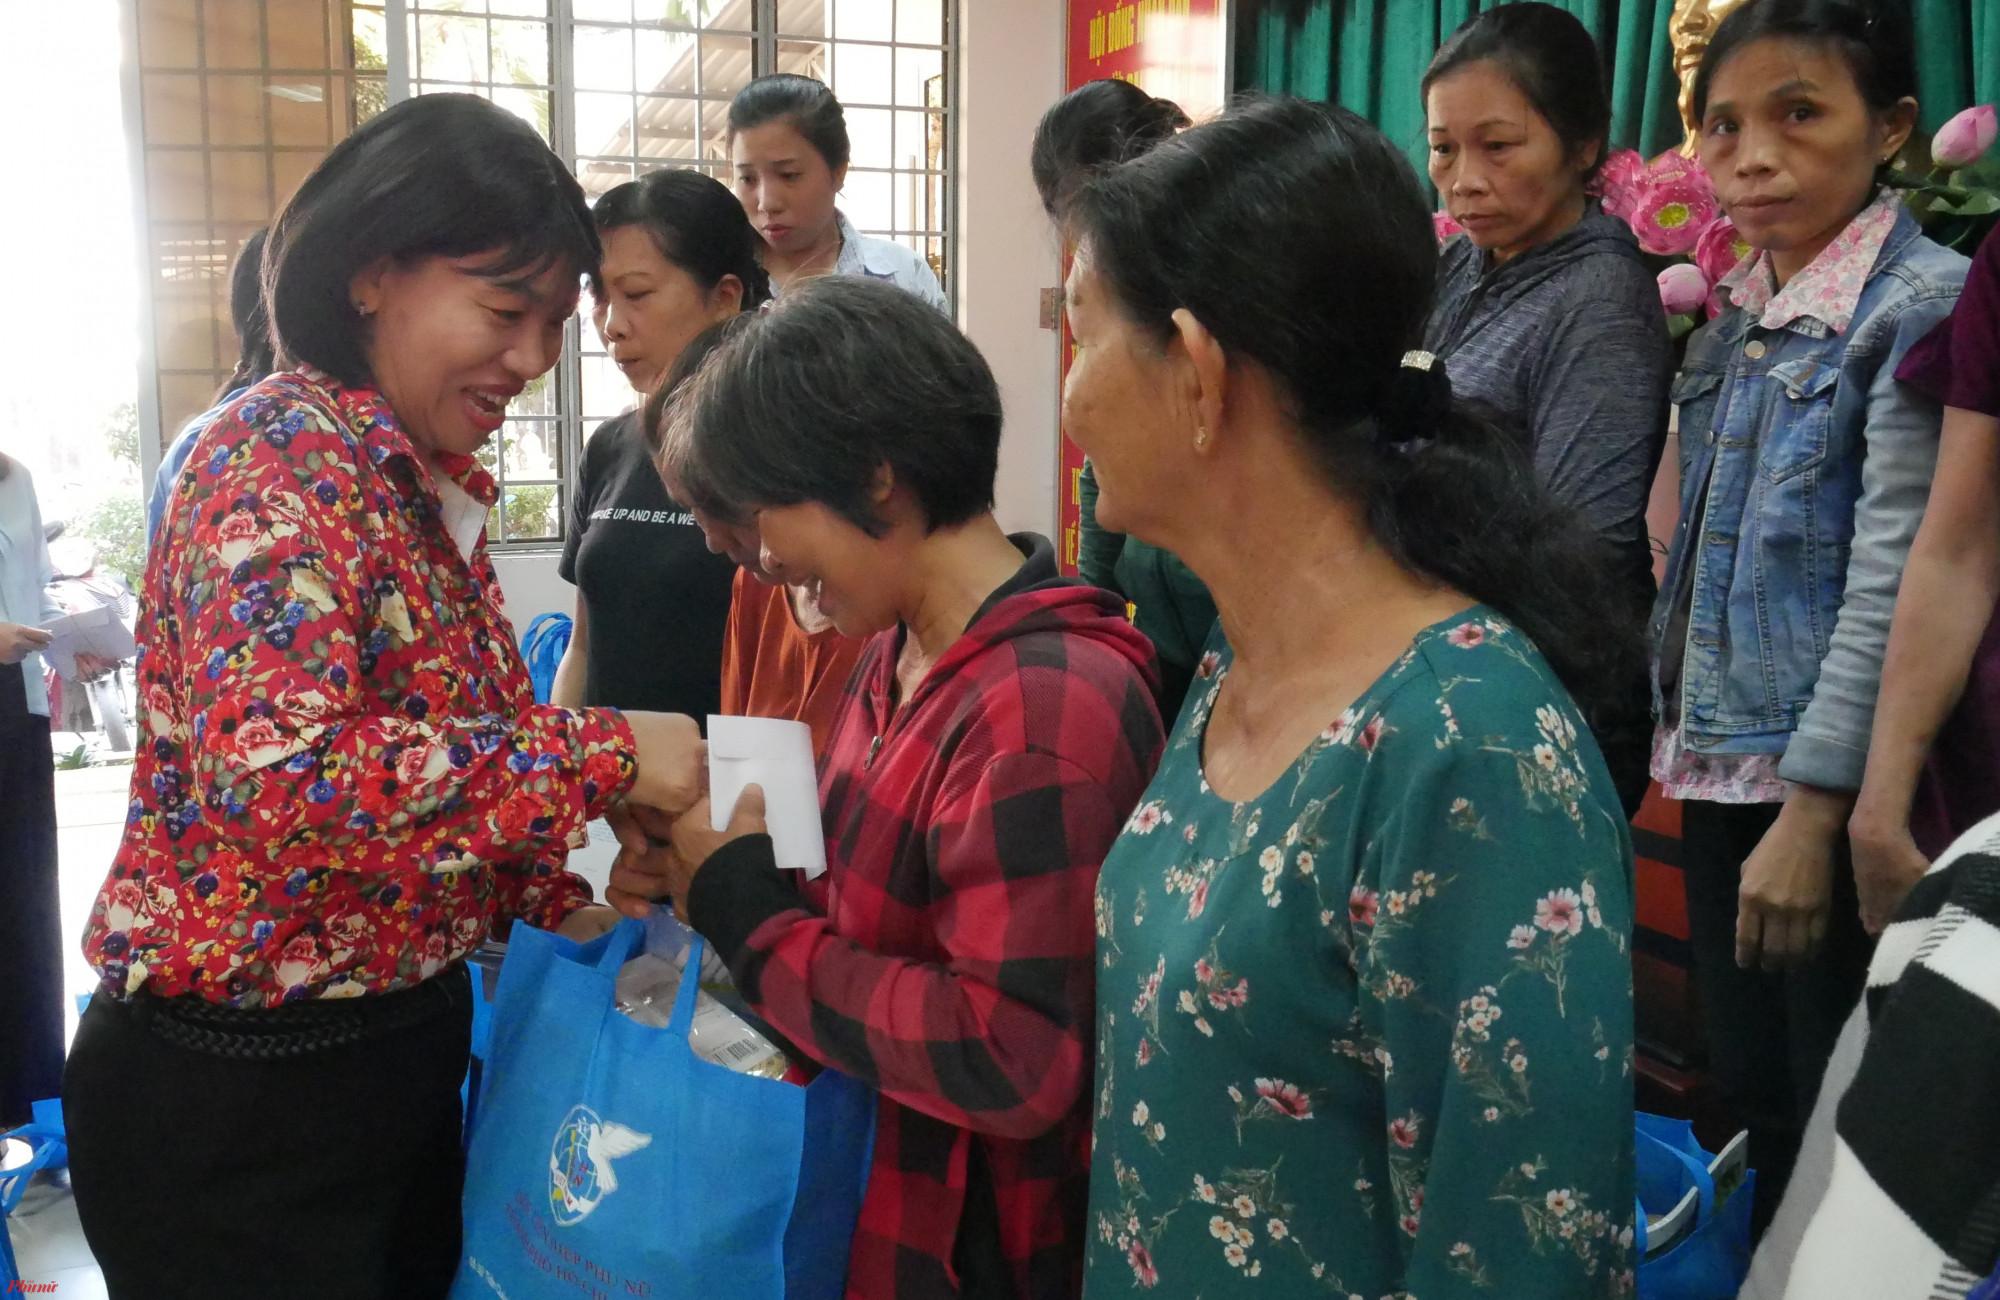 Bà Trần Thị Phương Hoa, Phó Chủ tịch Hội LHPN TP.HCM tặng quà tết cho hội viên phụ nữ huyện Hóc Môn.